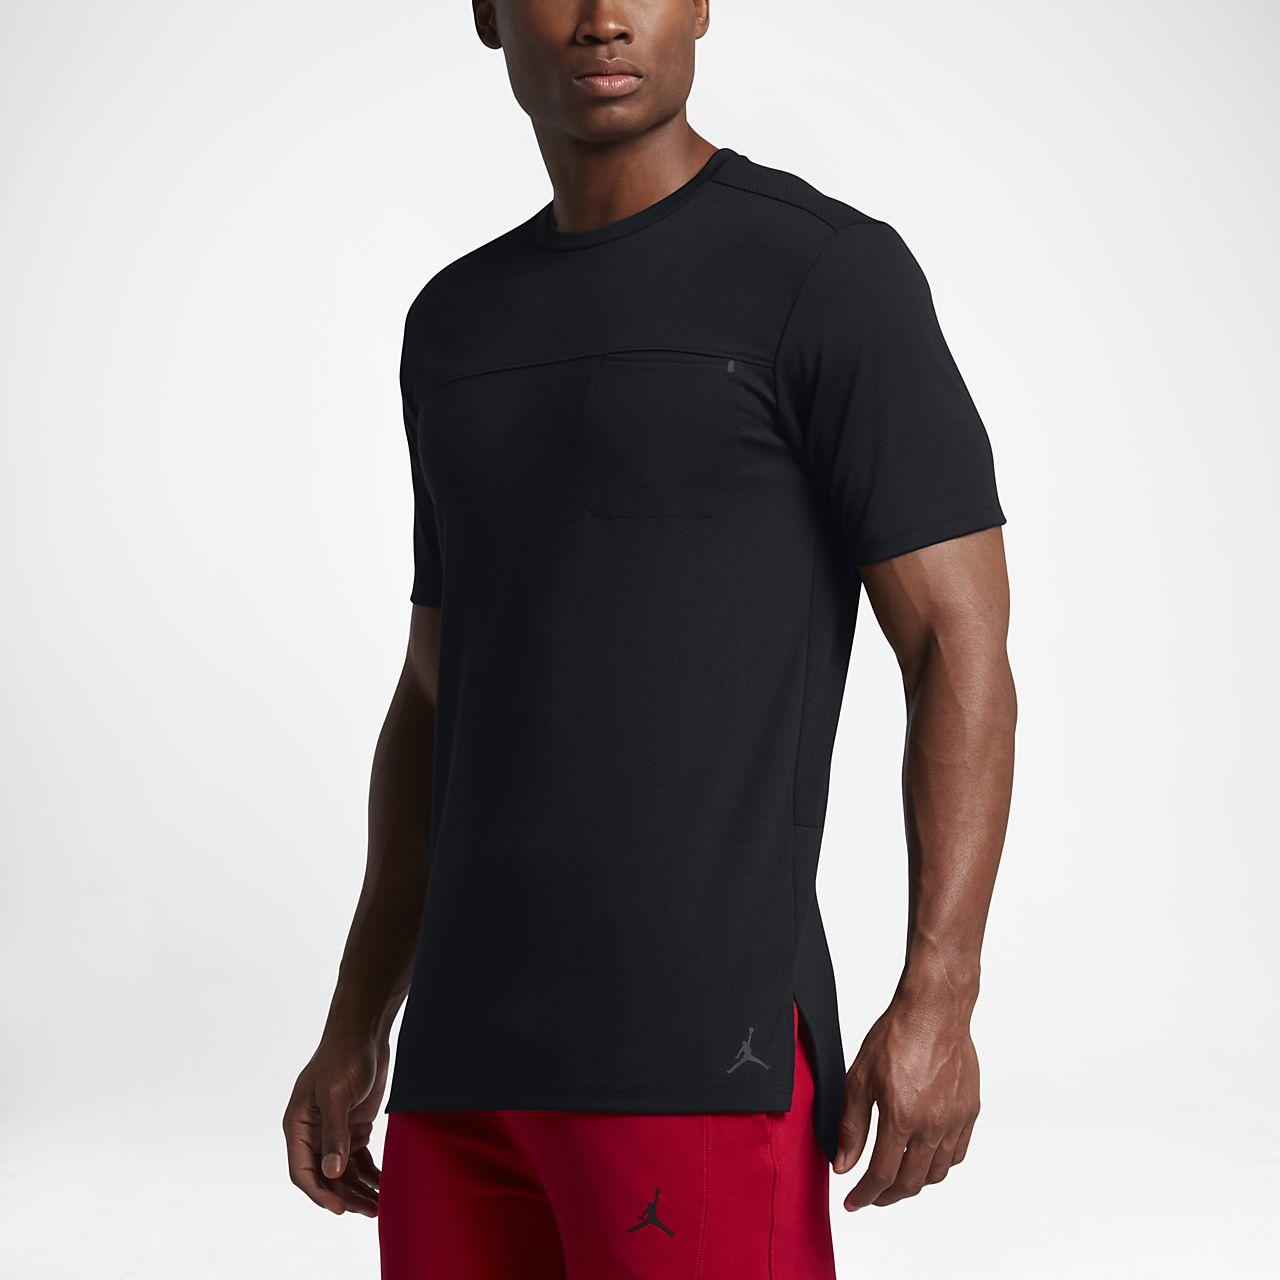 เสื้อยืดผู้ชาย Jordan 23 Lux Pocket